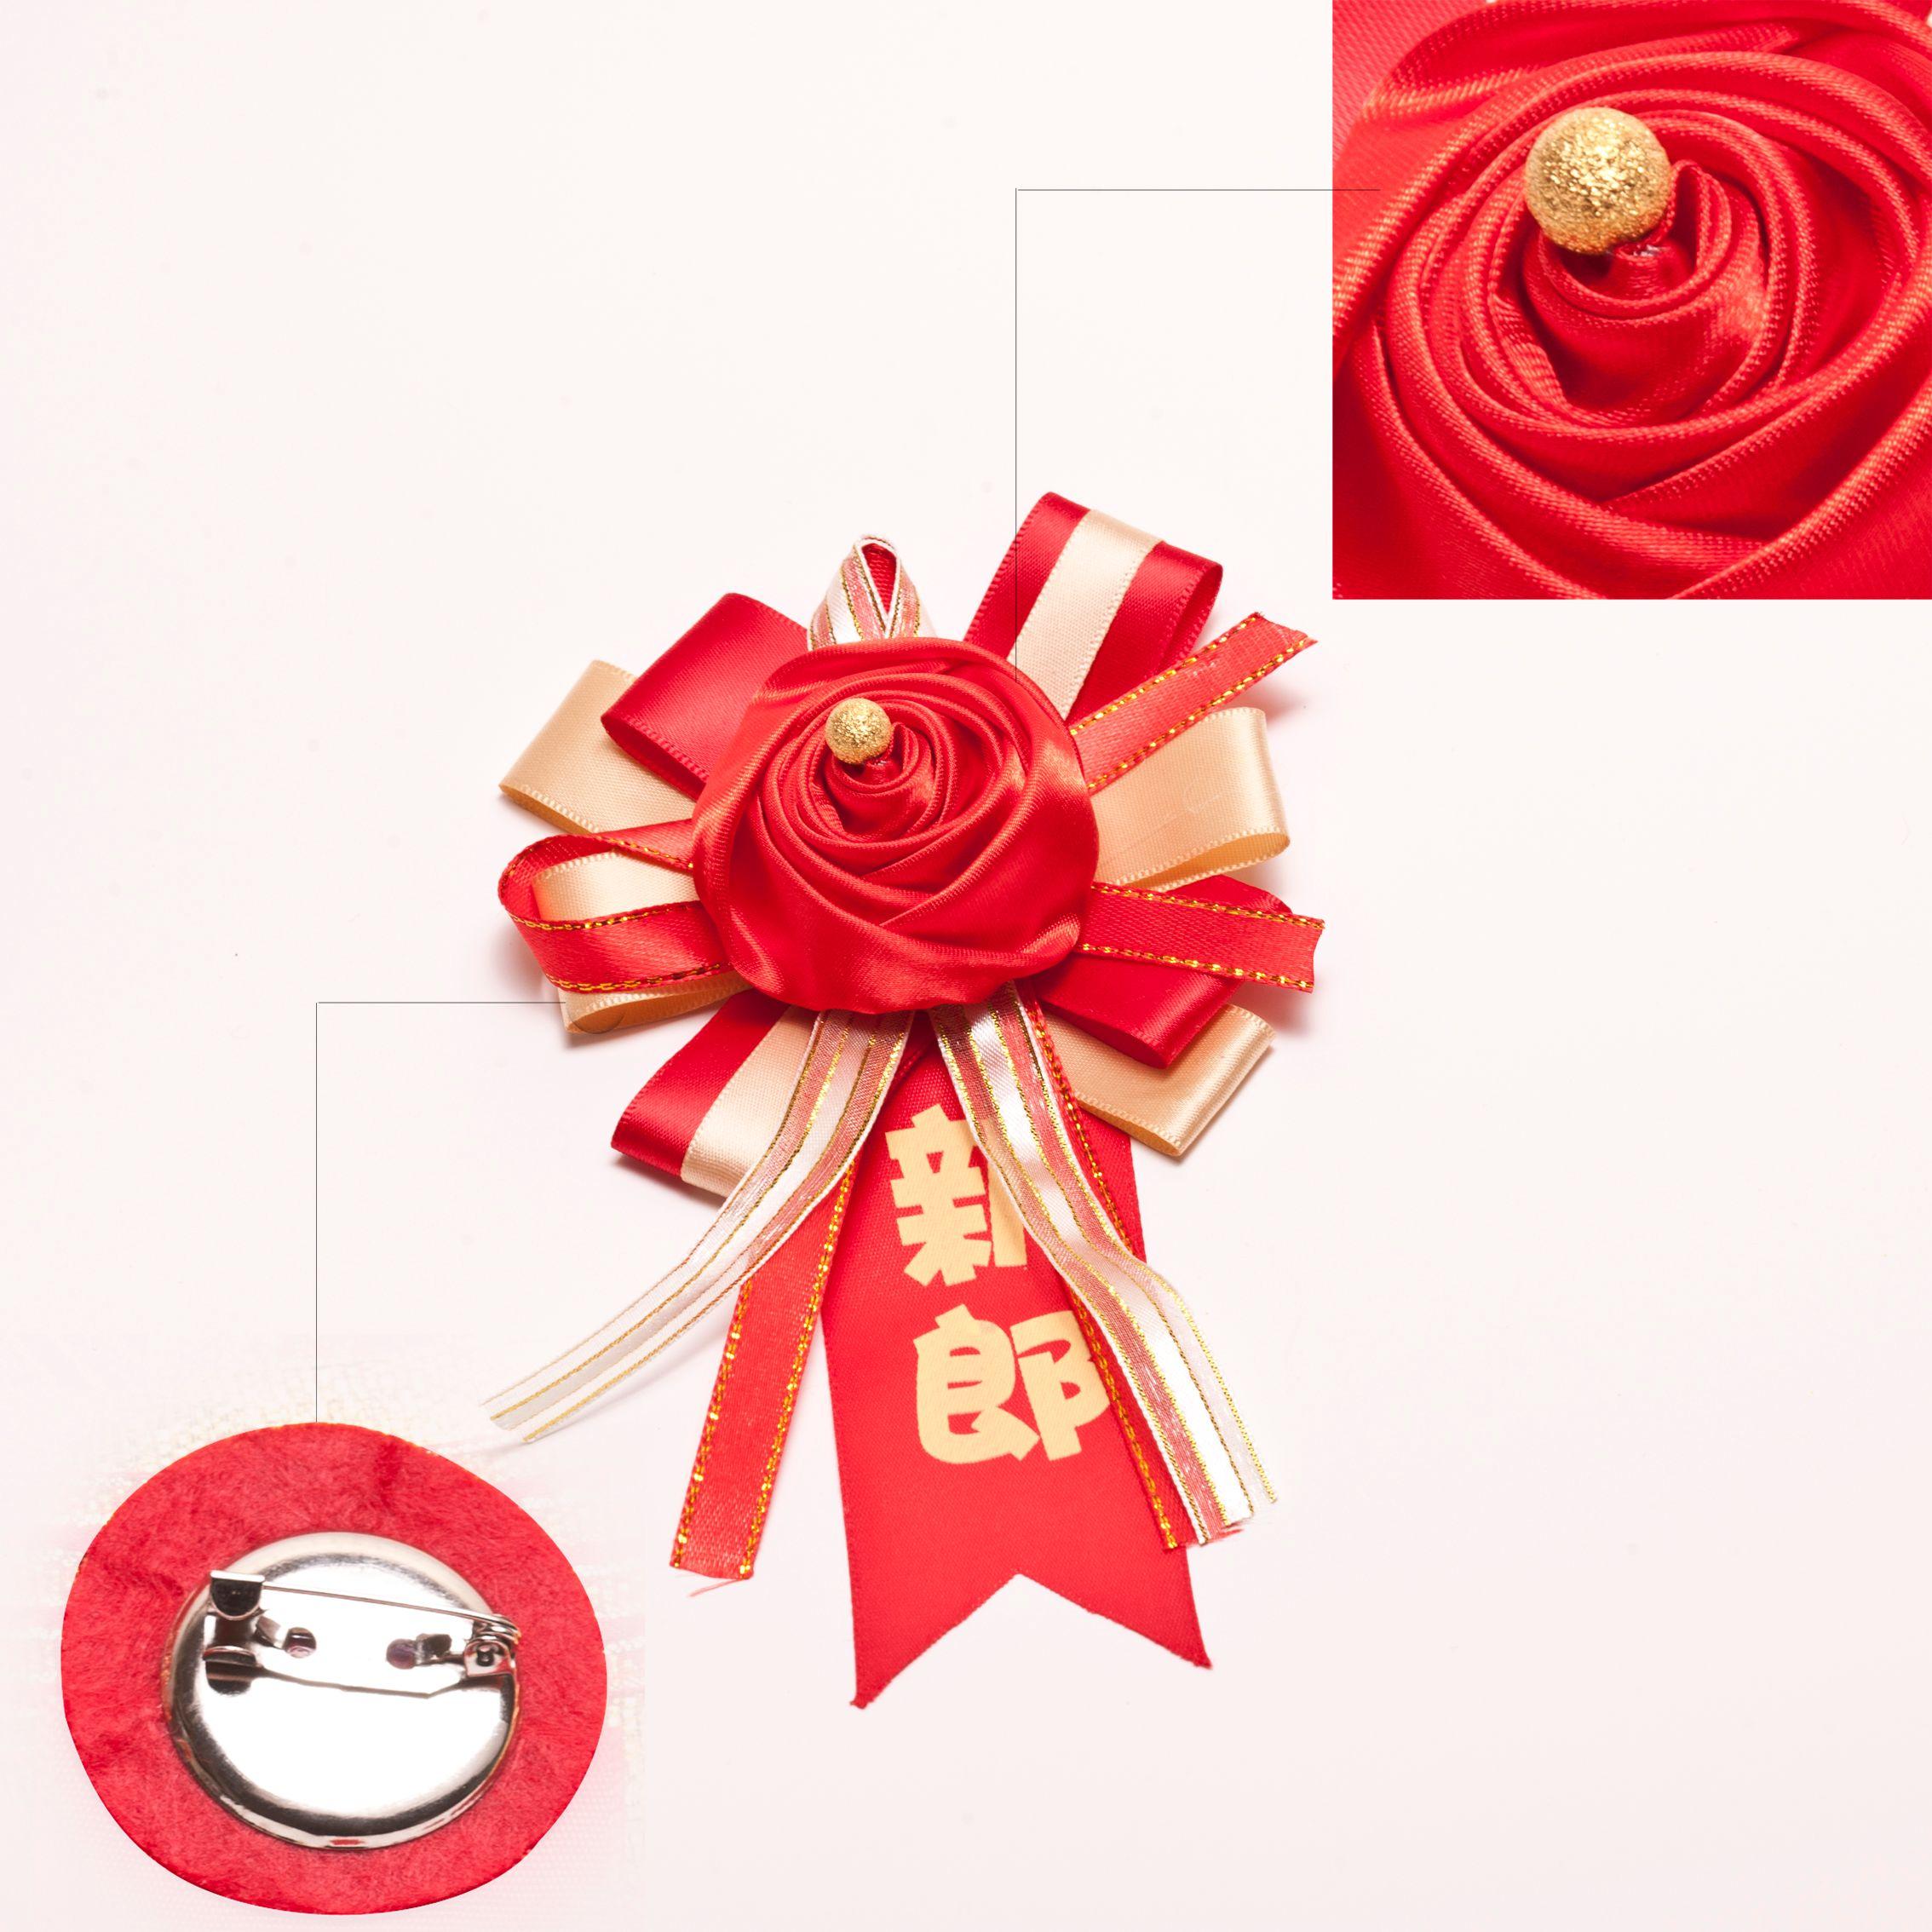 缎面金珠玫瑰手工婚庆新郎新娘手腕花批发结婚胸花创意个性定制